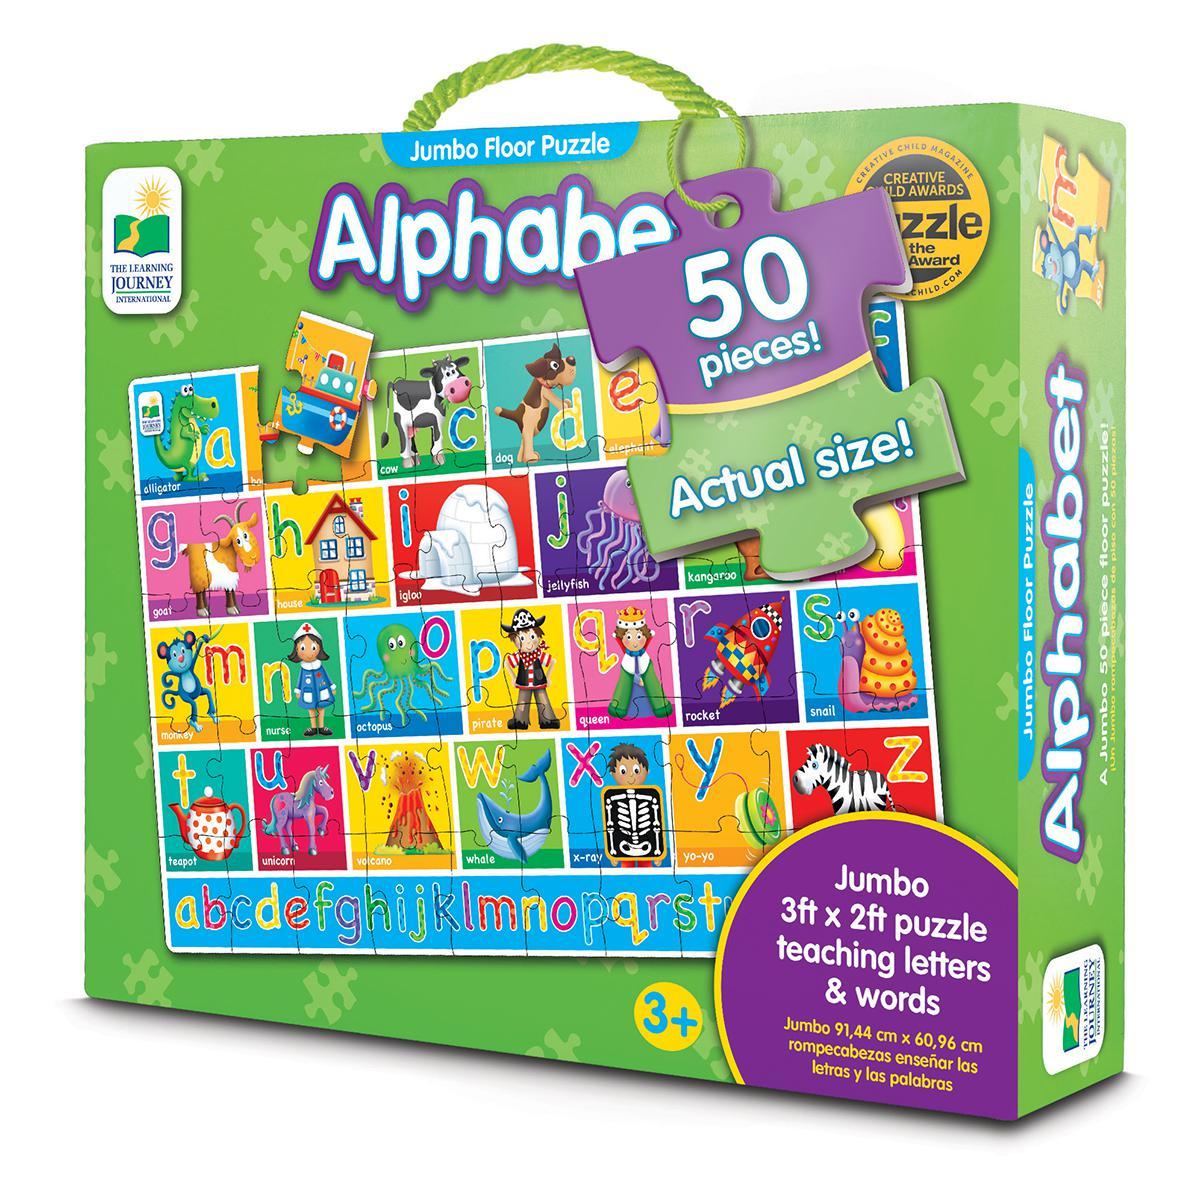 Jumbo Floor Puzzle: Alphabet